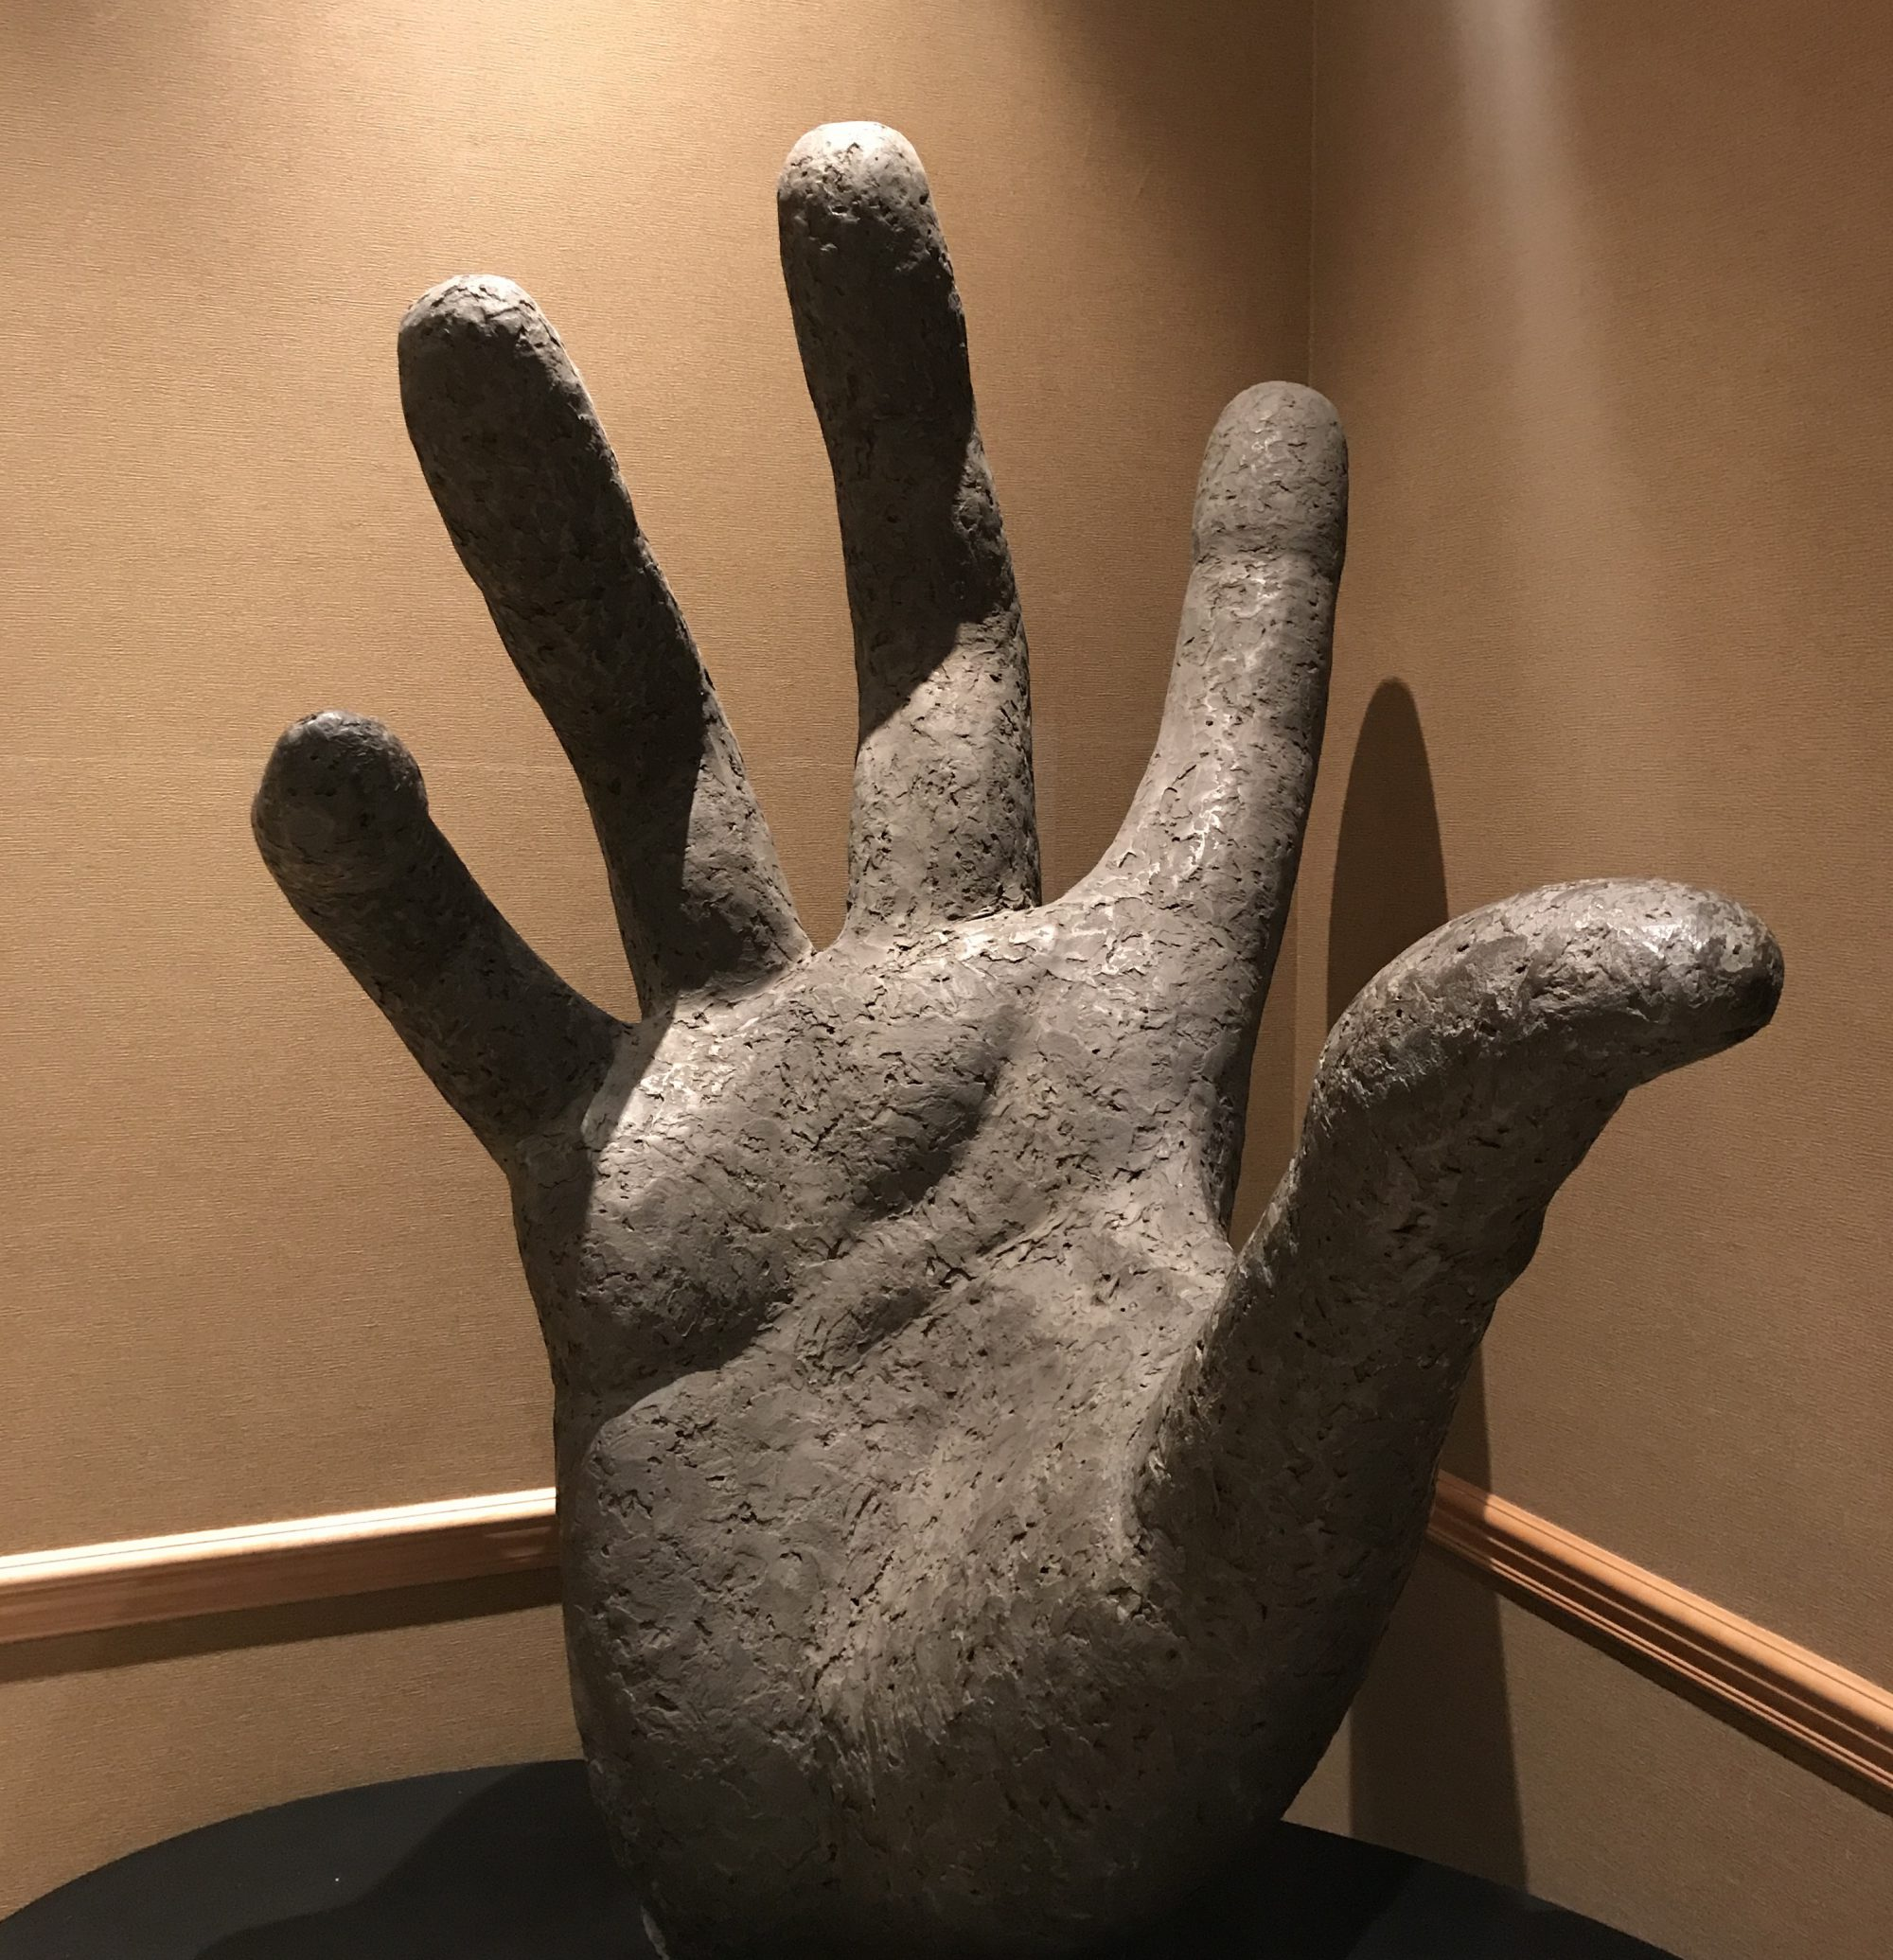 Oklahoma Hand